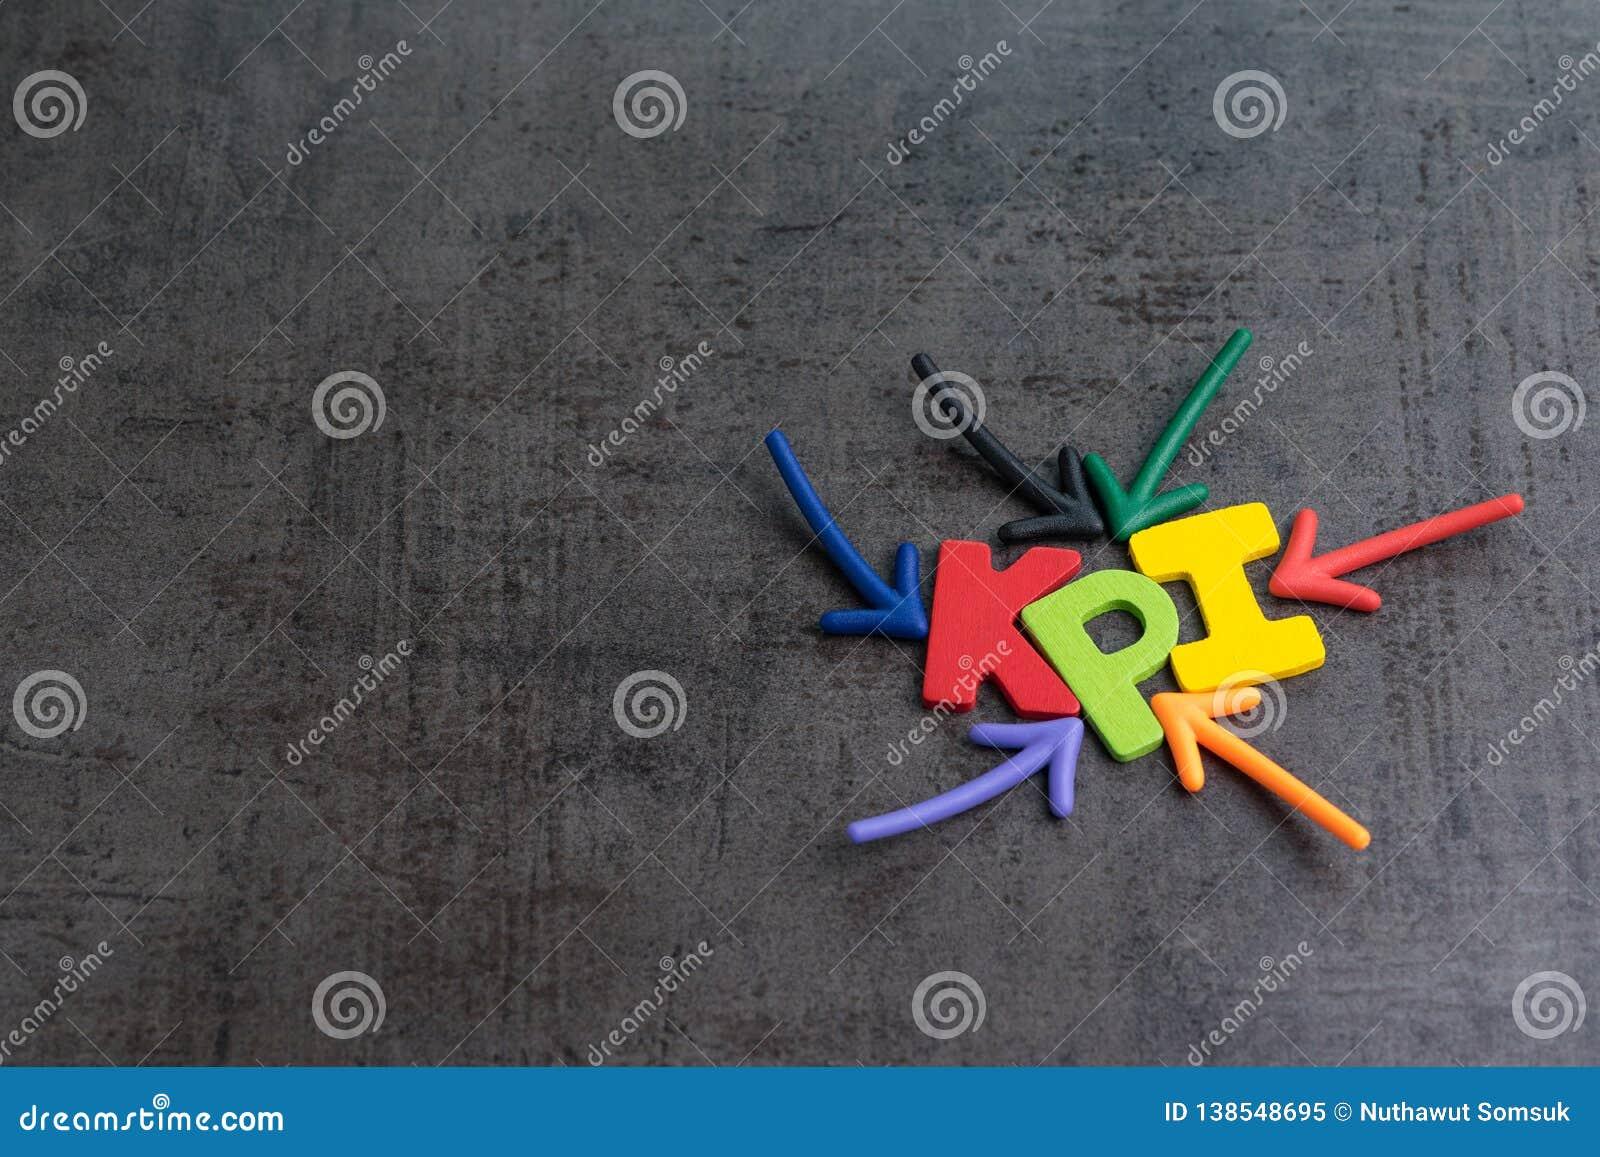 KPI, blanco del negocio del indicador de rendimiento clave o cuenta para medir éxito en concepto de la campaña de marketing por l